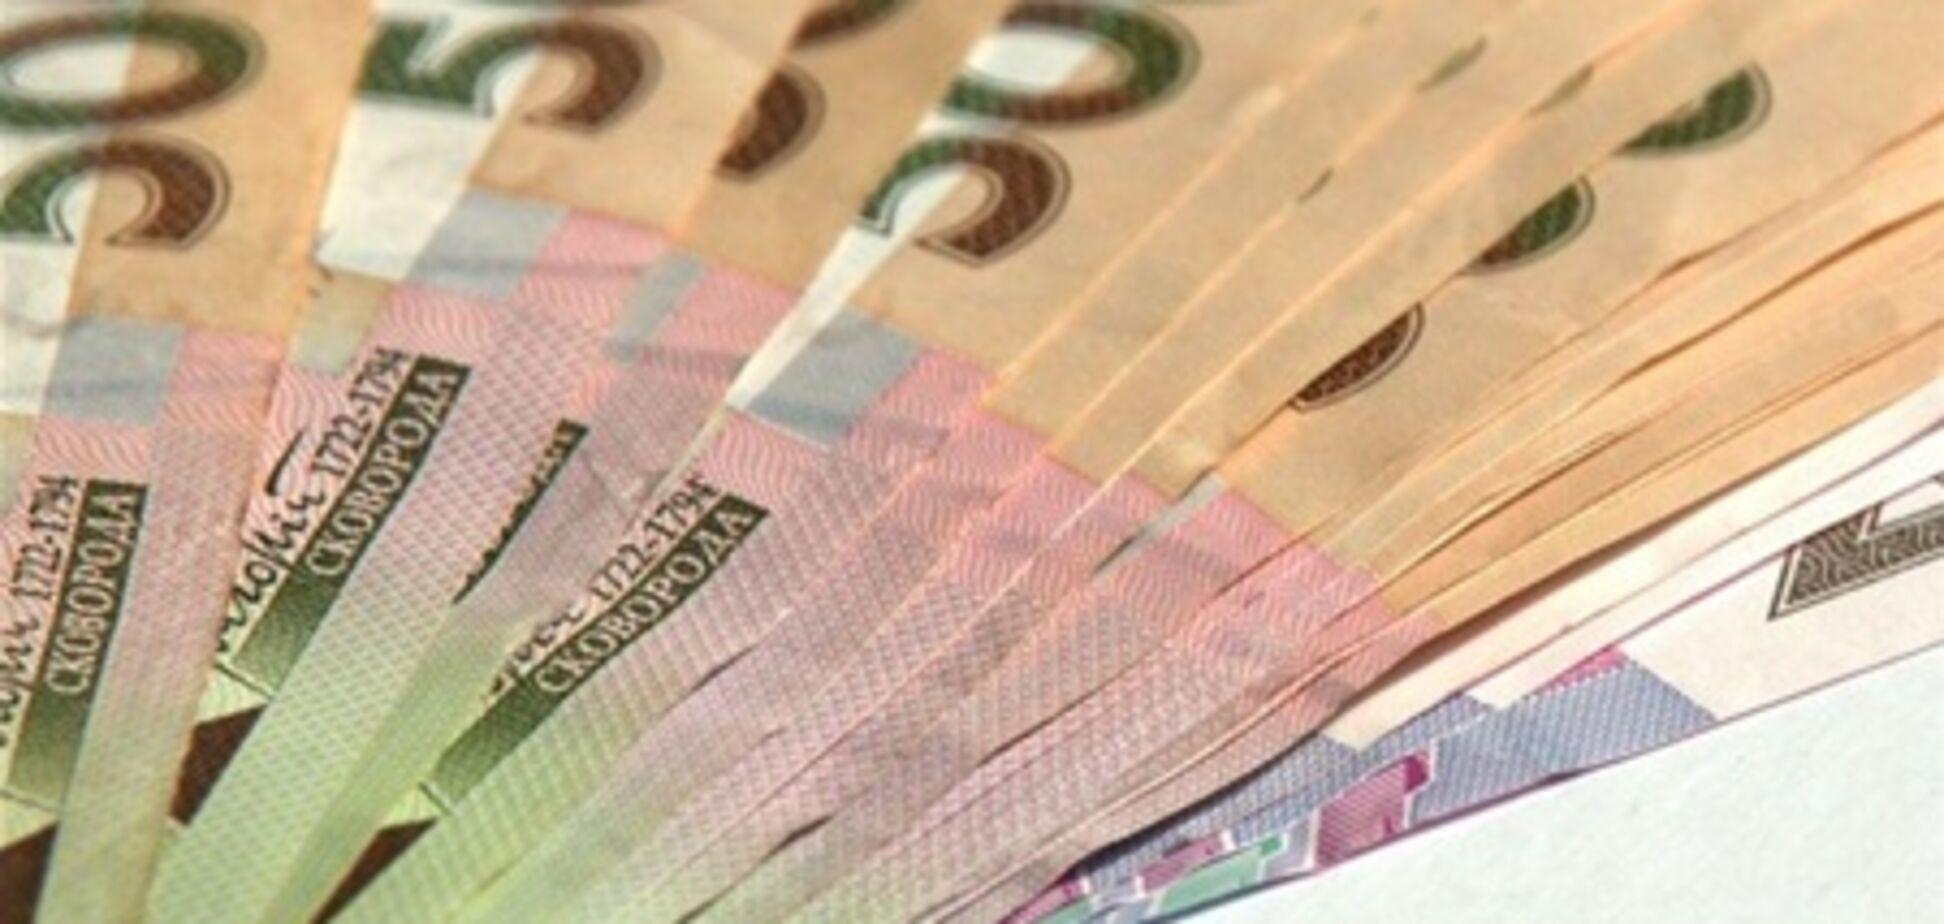 Из-за махинаций чиновника в бюджет Ялты не дошло 750 тыс. грн